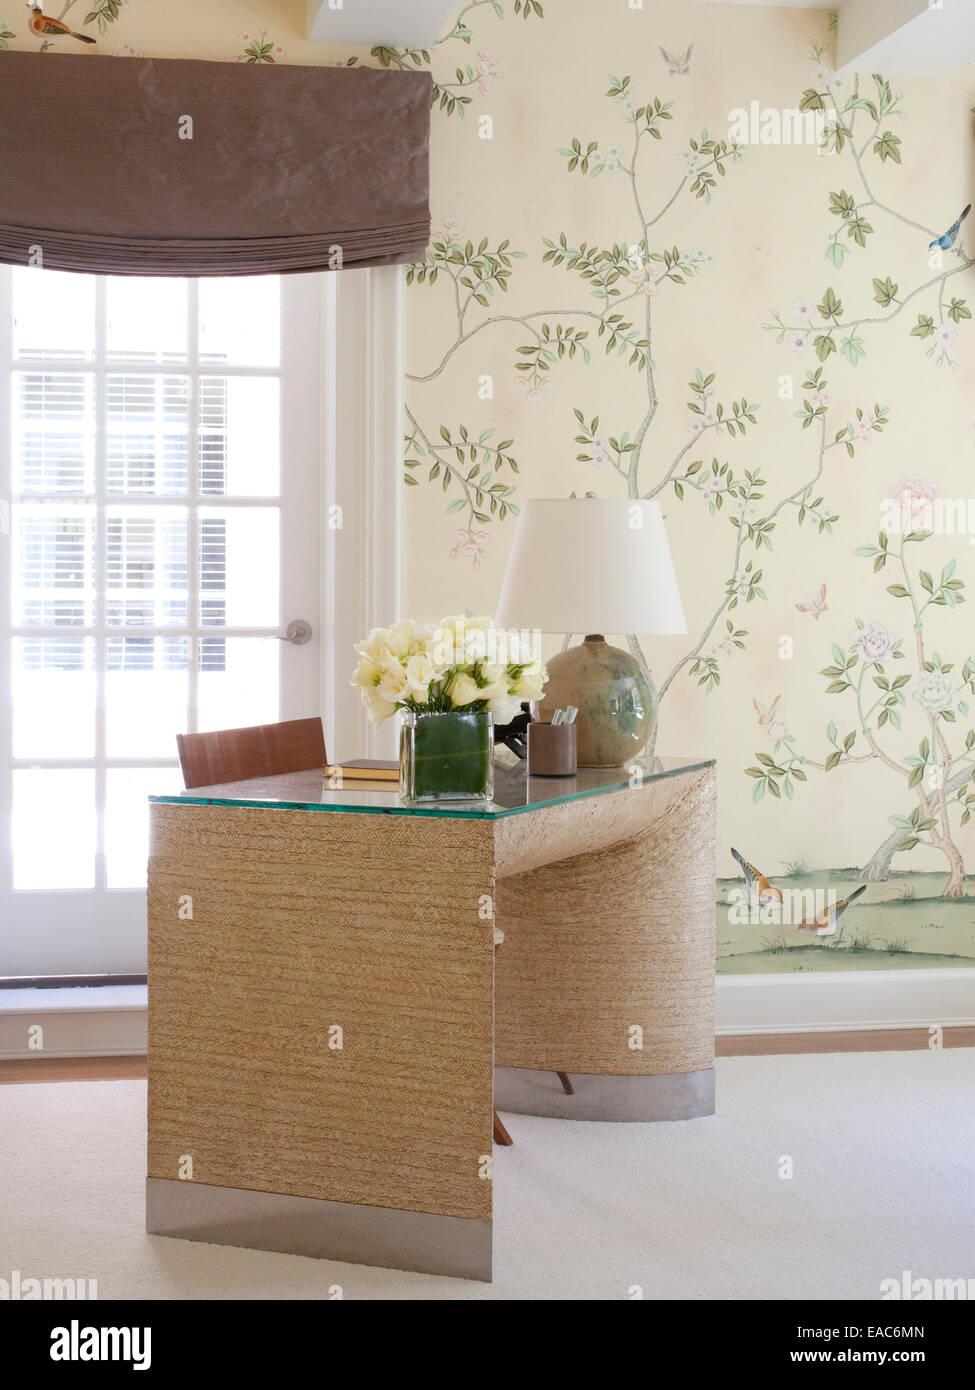 Home estudio con escritorio y rosas blancas Imagen De Stock